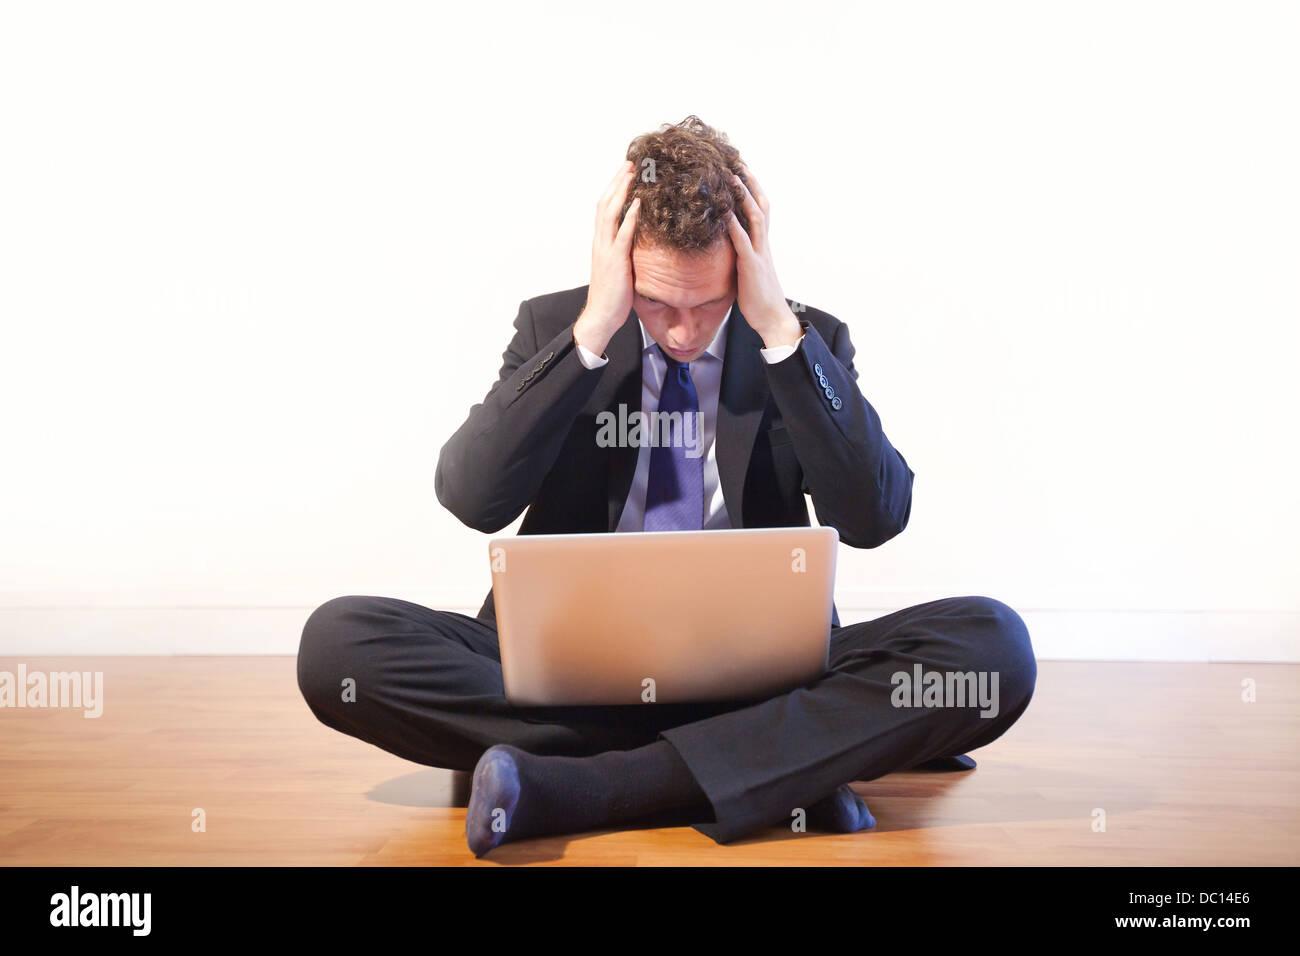 Imprenditore nel panico, problemi Immagini Stock